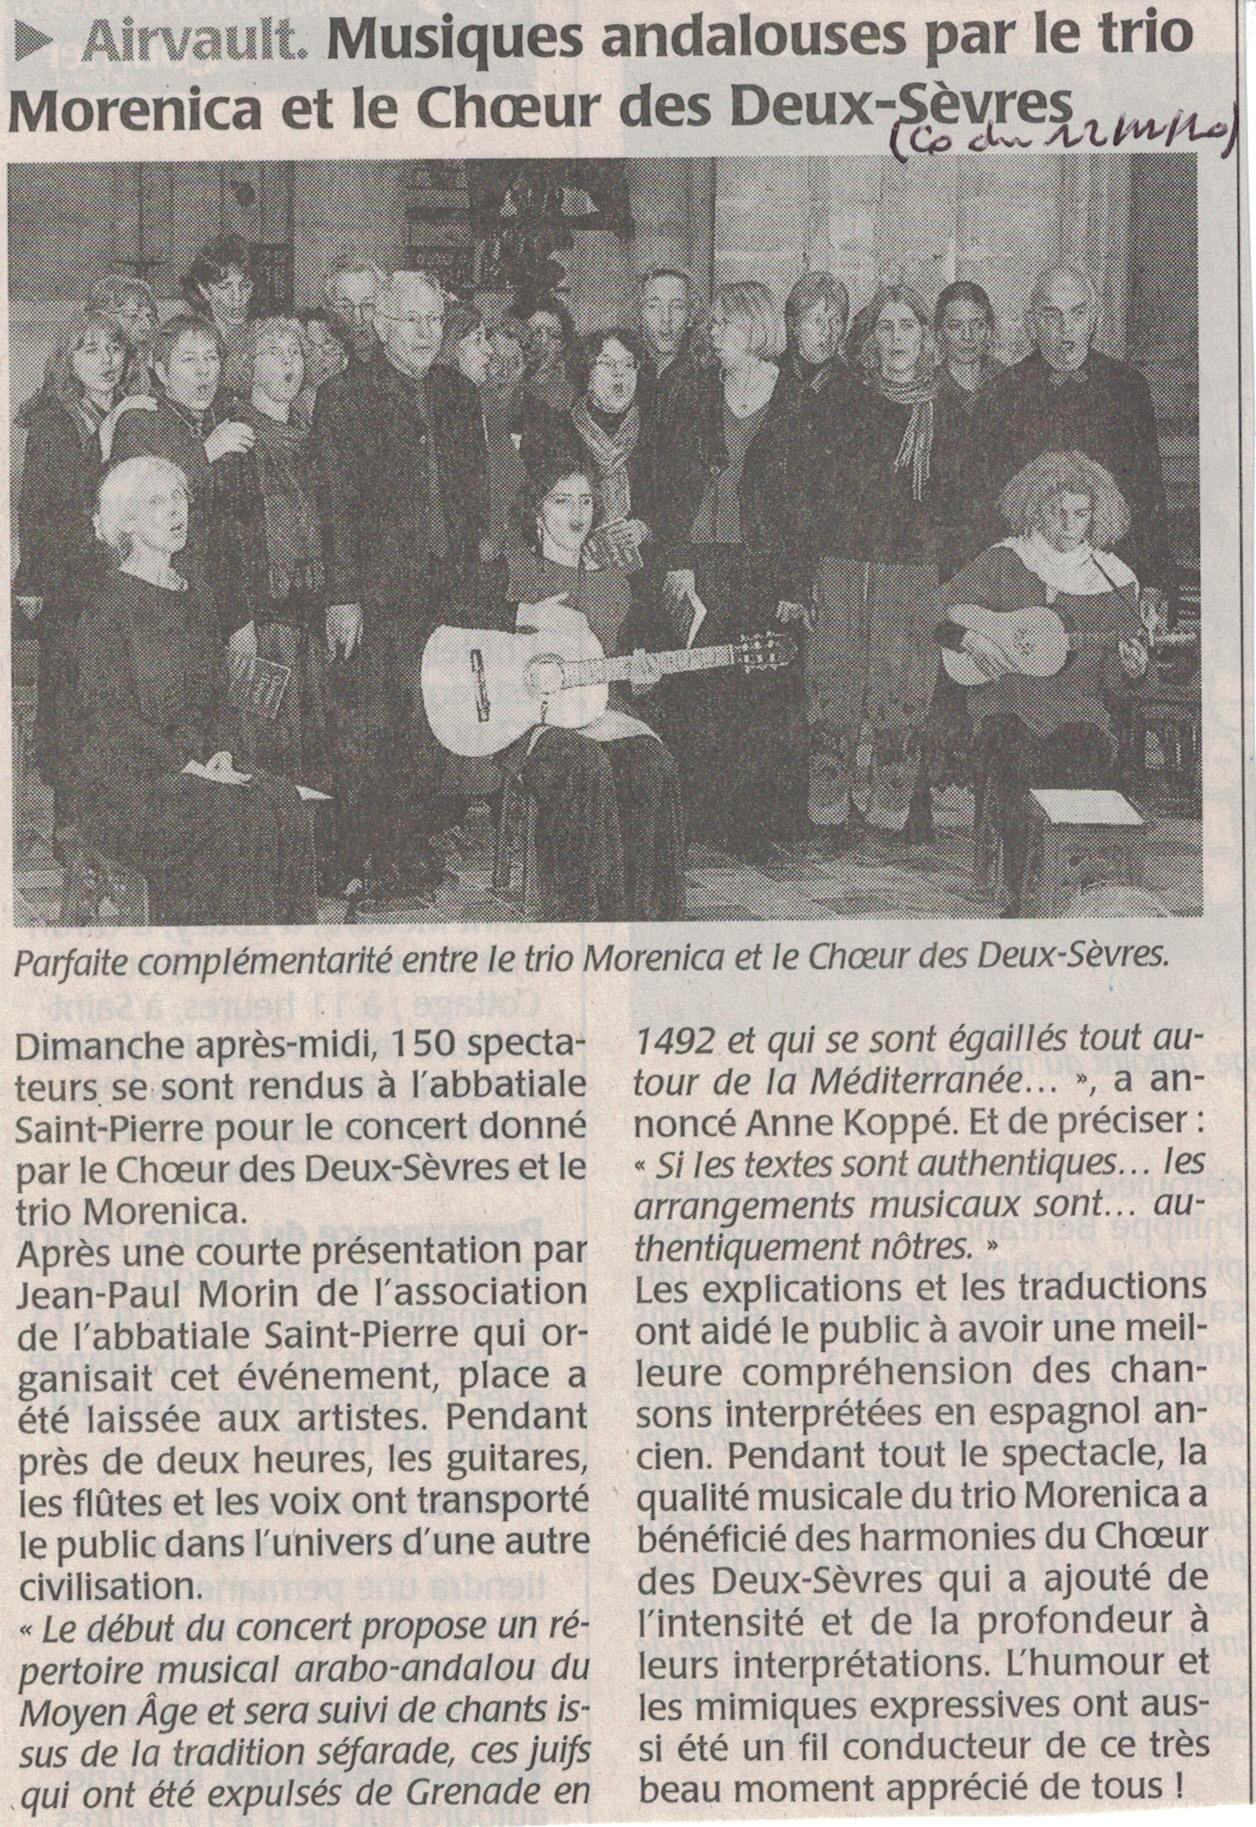 Chansons d'Espagne, Airvault 2010